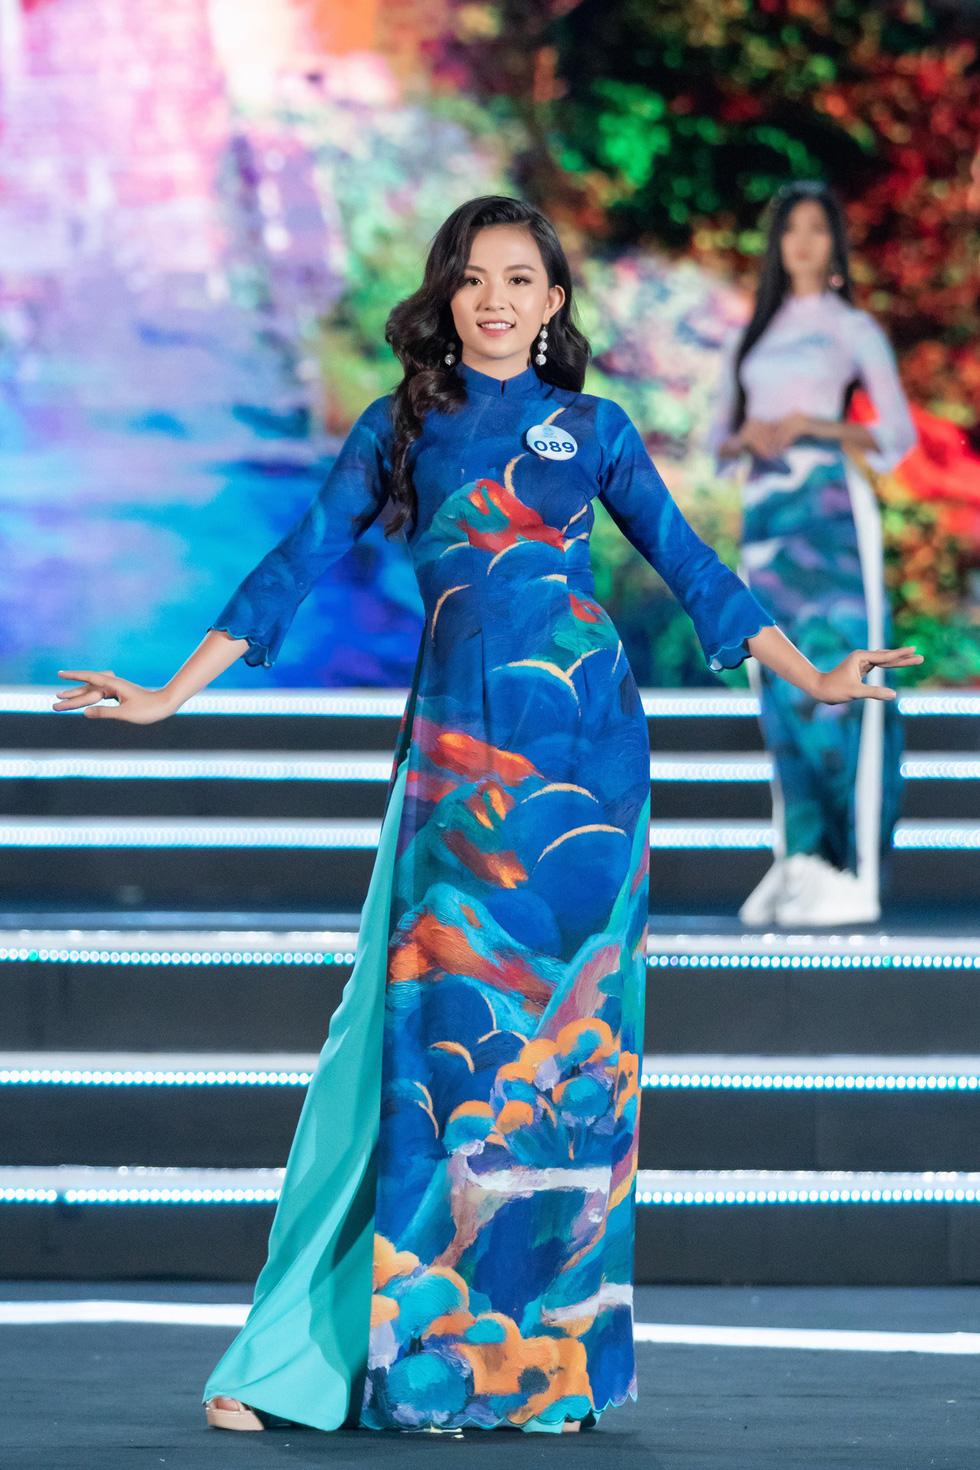 Bộ sưu tập áo dài đèo Hải Vân giúp Lương Thùy Linh đăng quang - Ảnh 6.